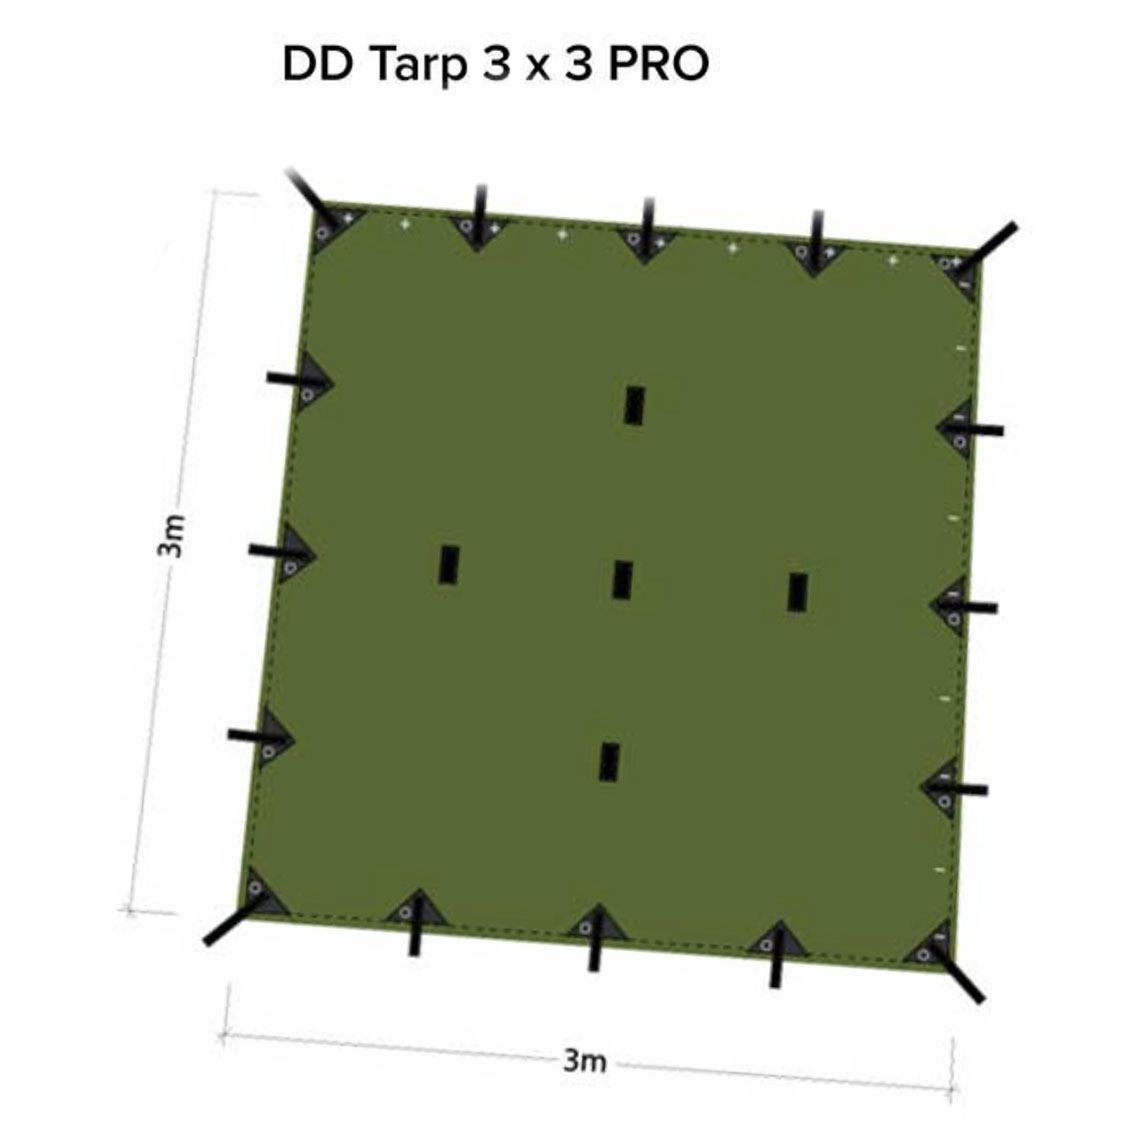 DD Tarp PRO 3 x 3 m. Olive Green